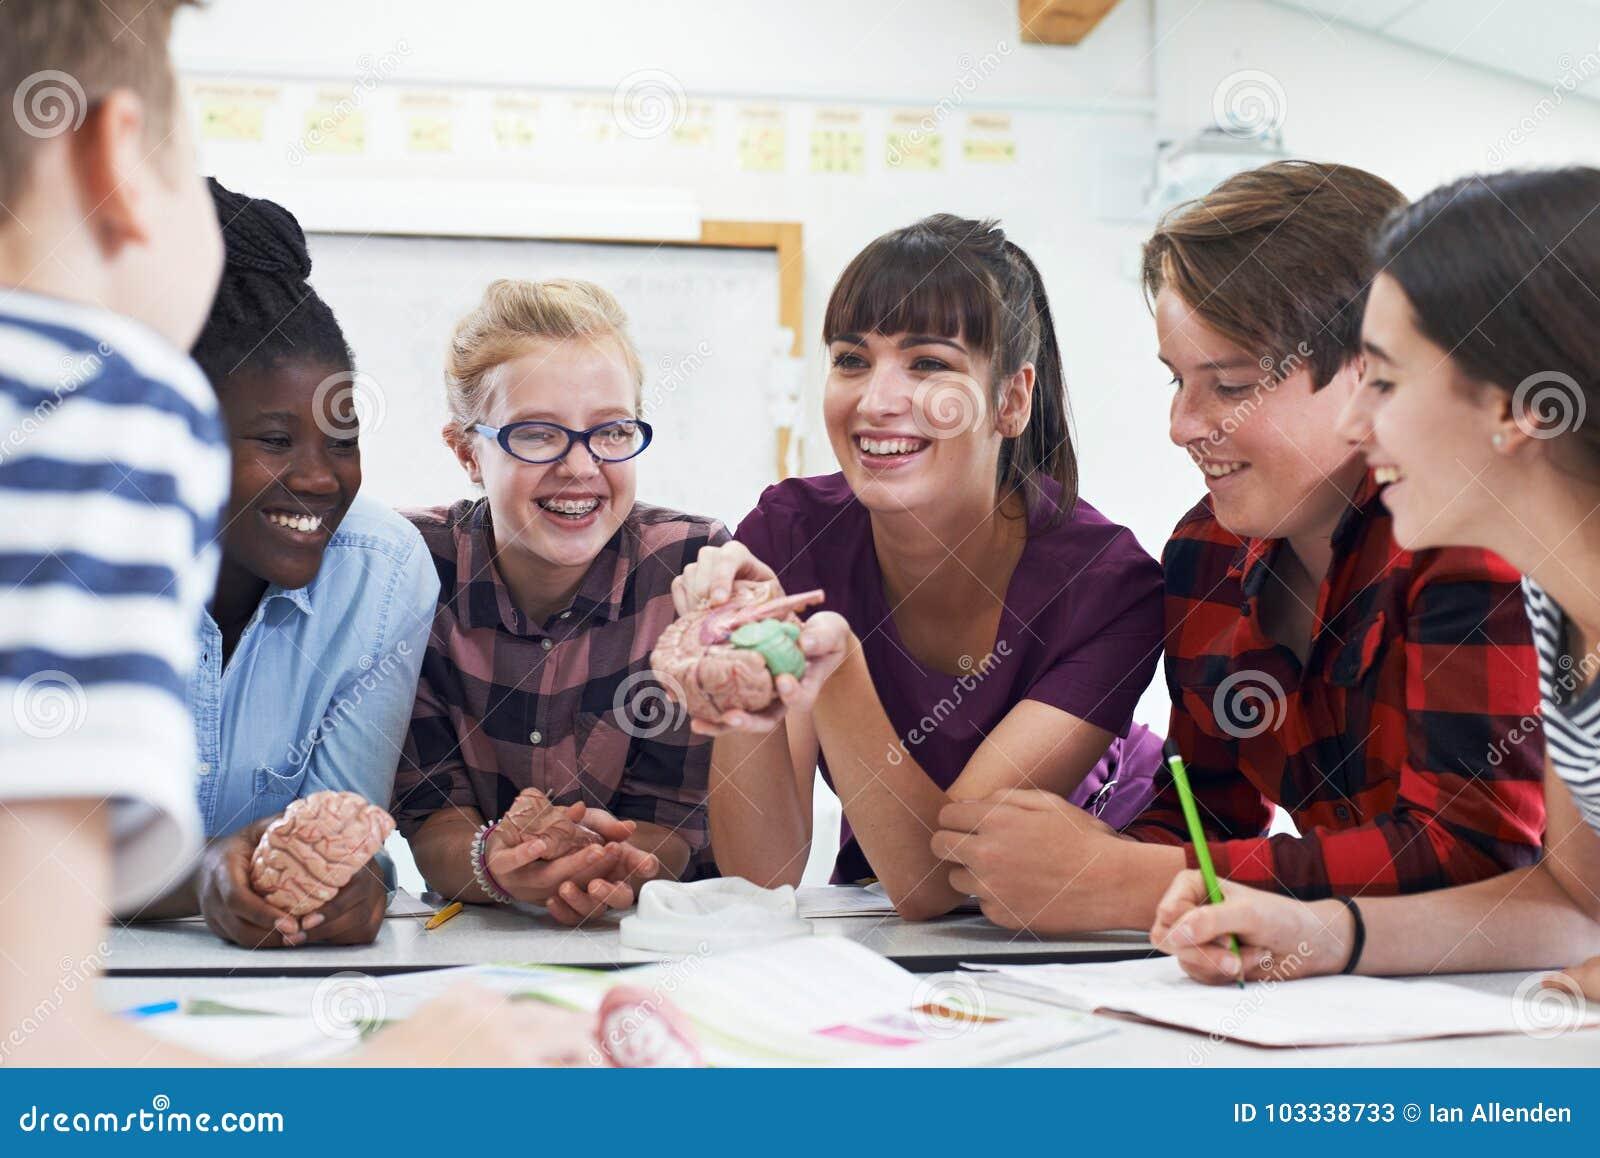 snyatoe-na-telefon-studentami